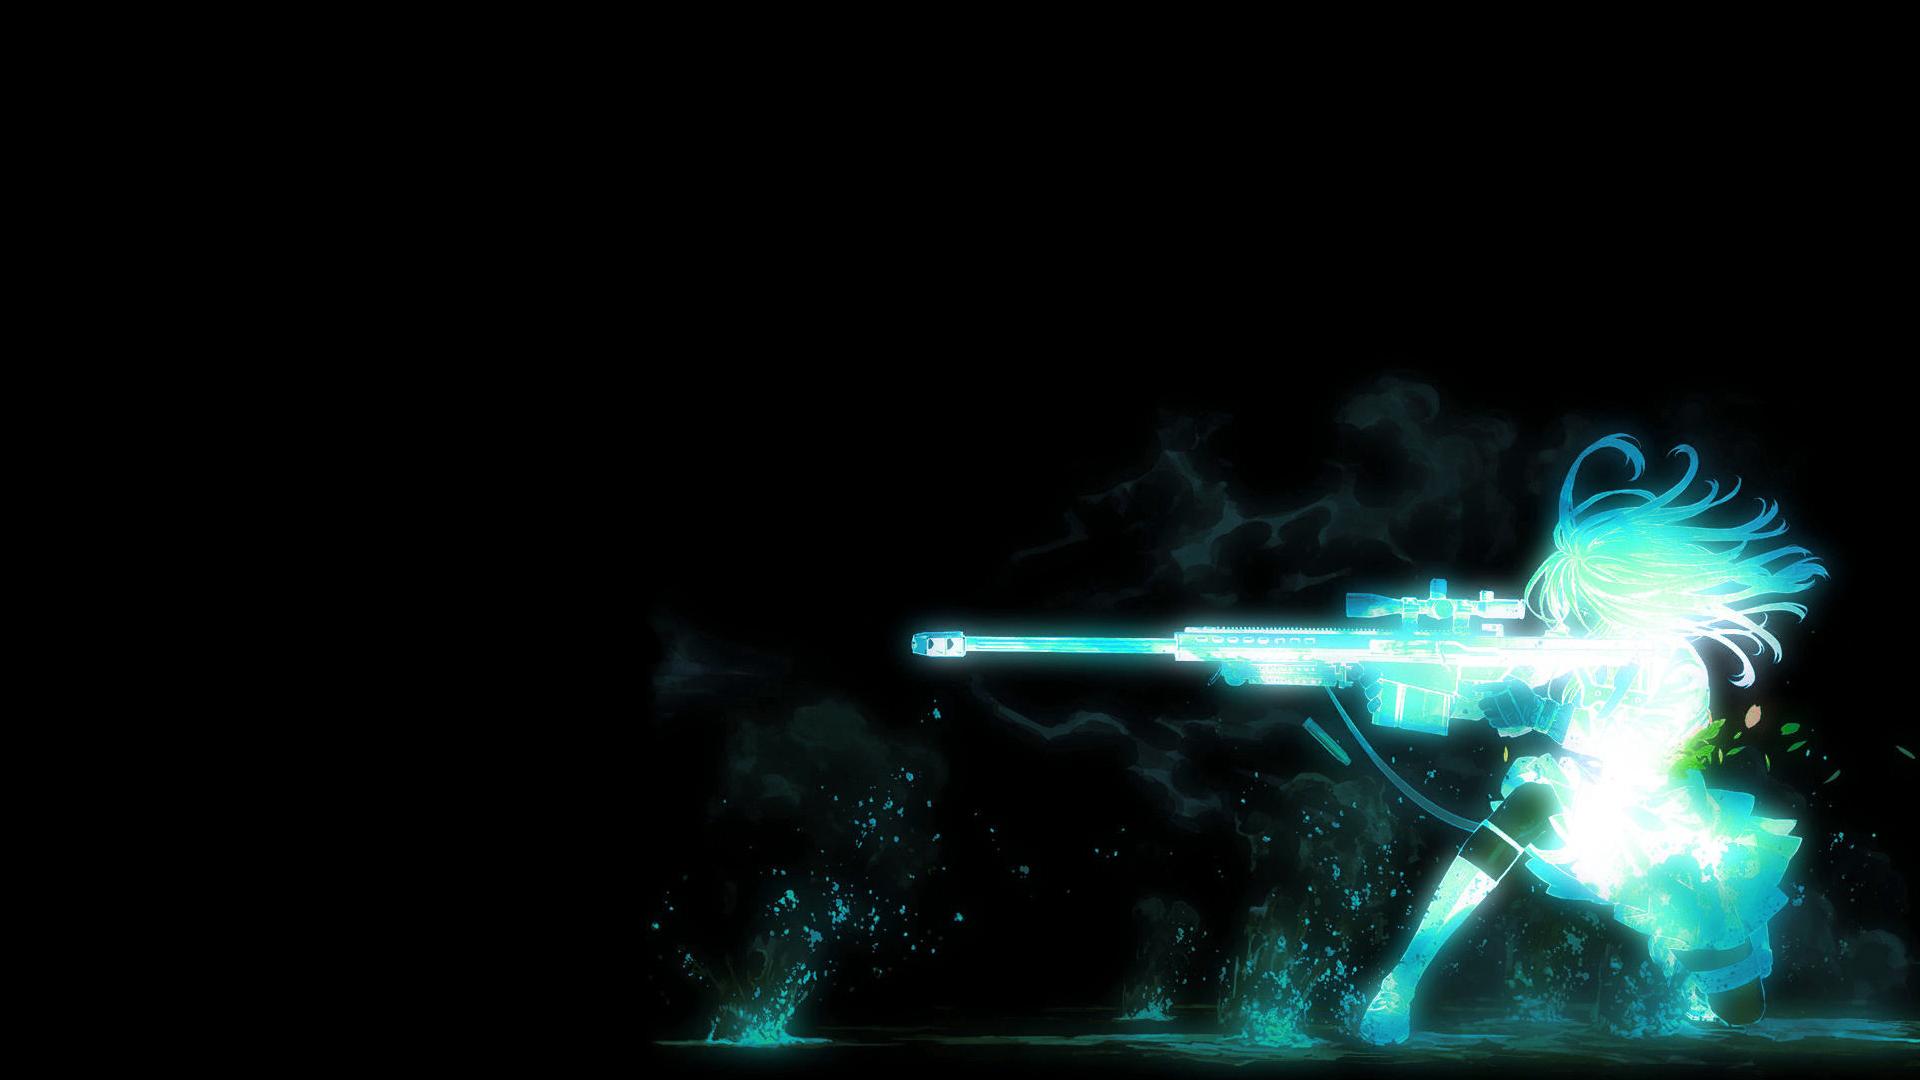 Sniper : wallpaper